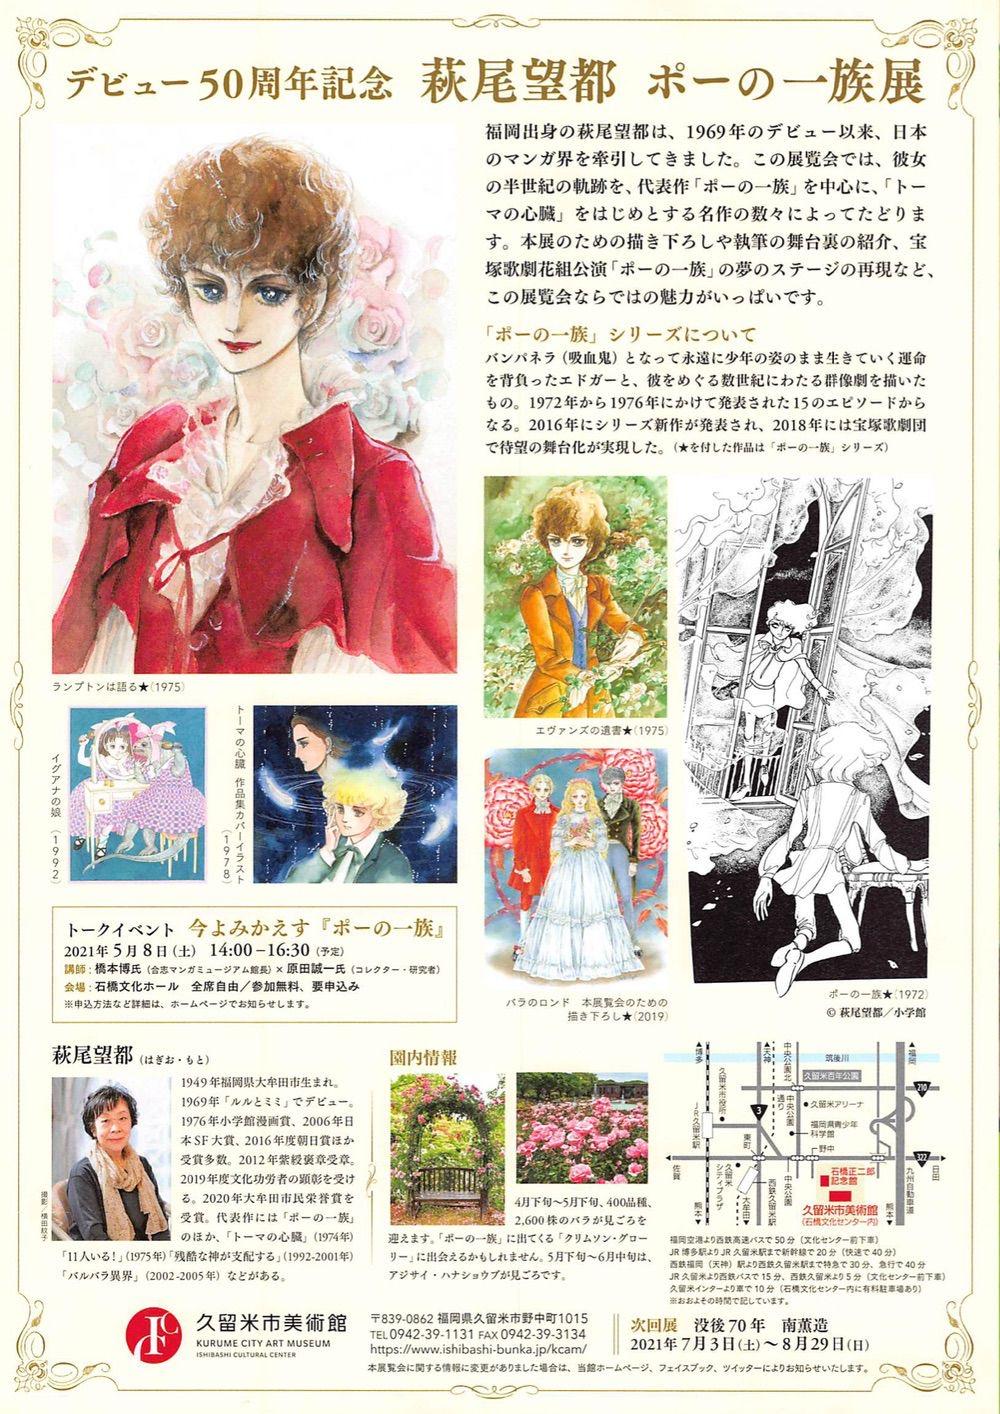 デビュー50周年記念 萩尾望都 ポーの一族展 久留米市美術館で開催